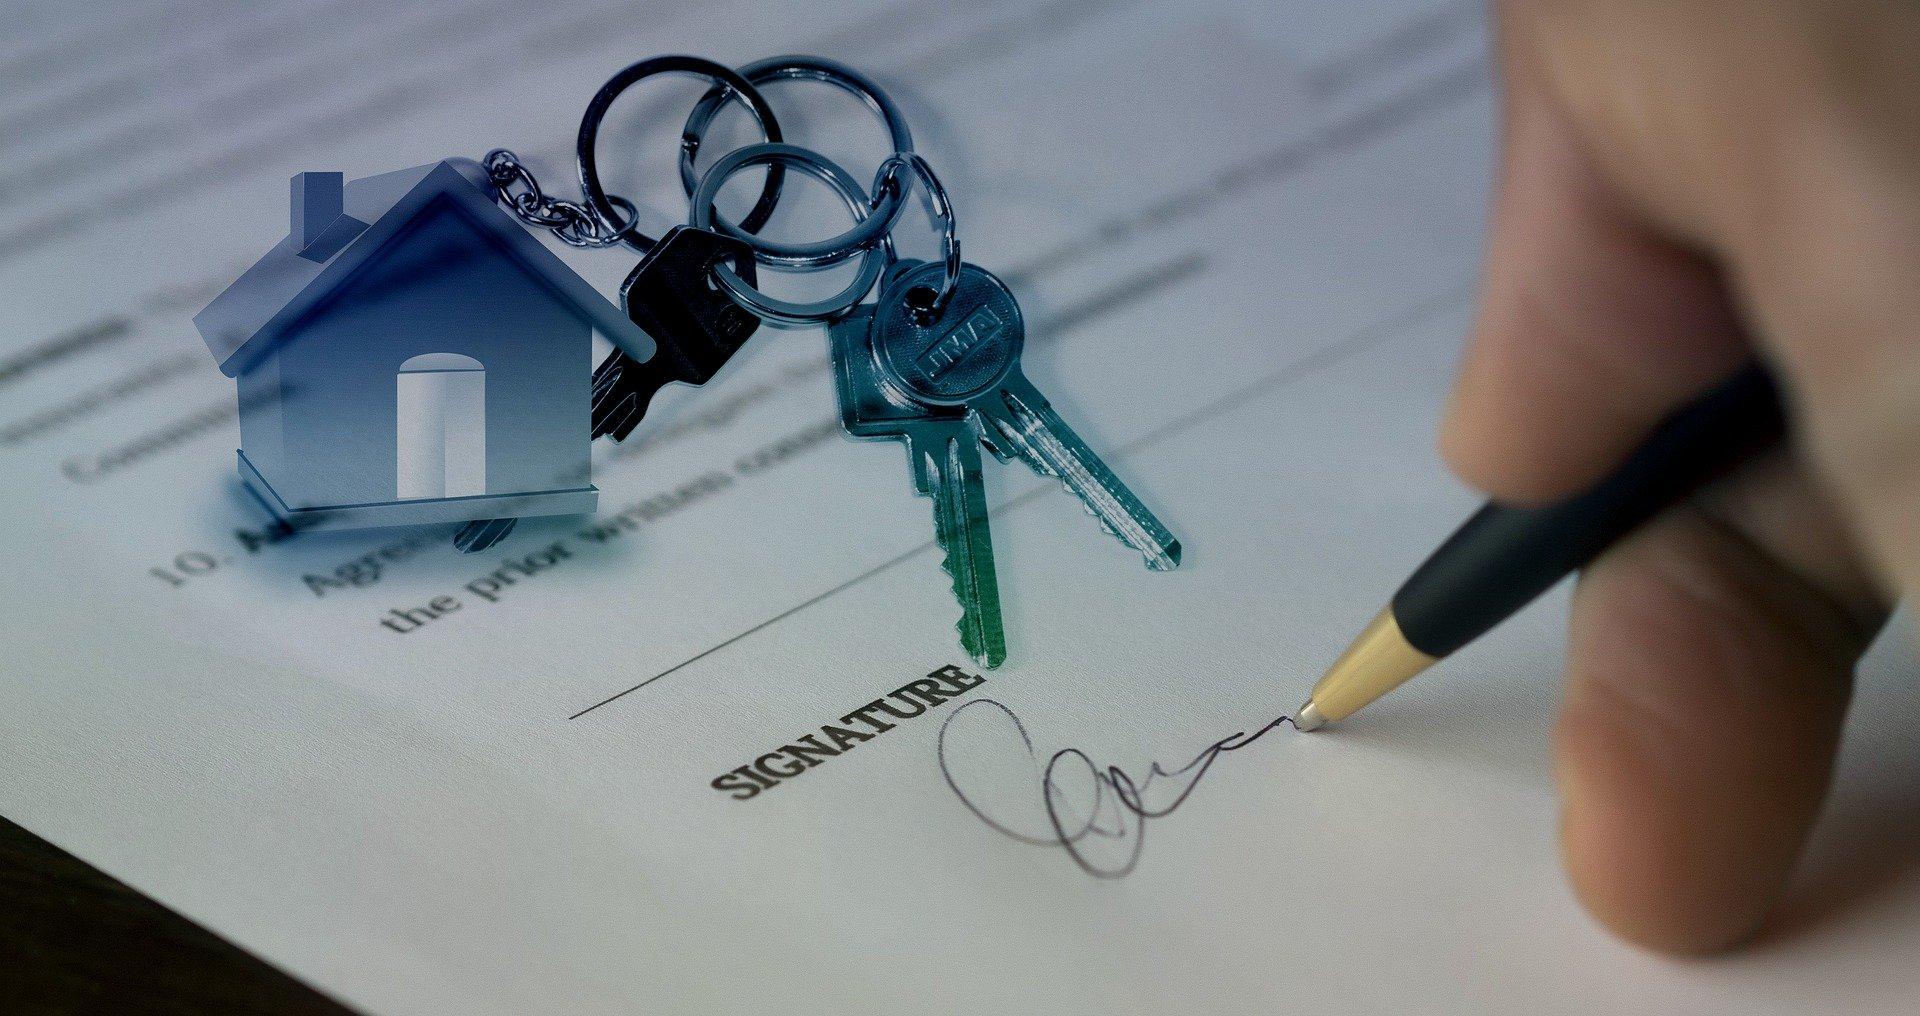 Immobilieneigentum: Gute Gründe, eine Wohnung zu kaufen